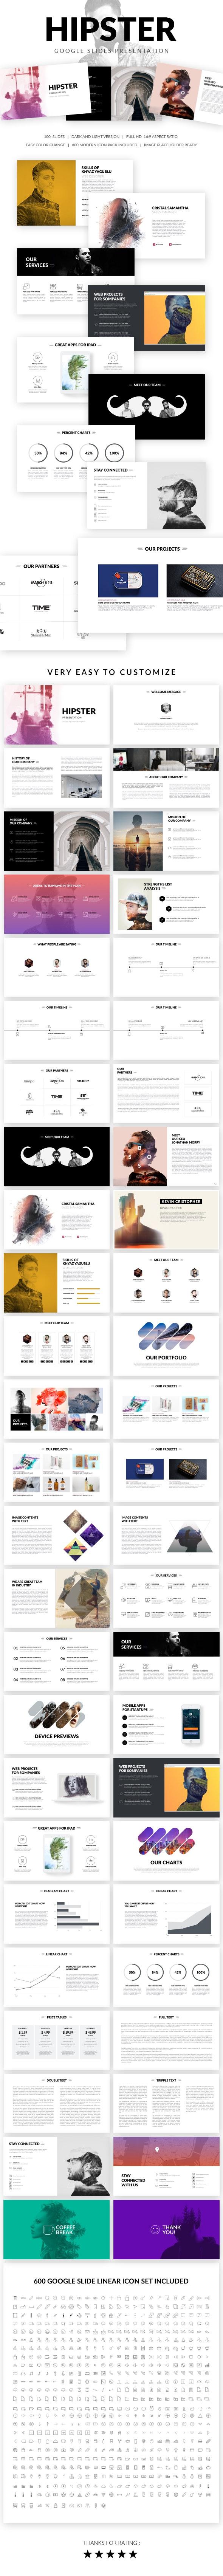 Hipster Google Slides Presentation Template - Google Slides Presentation Templates